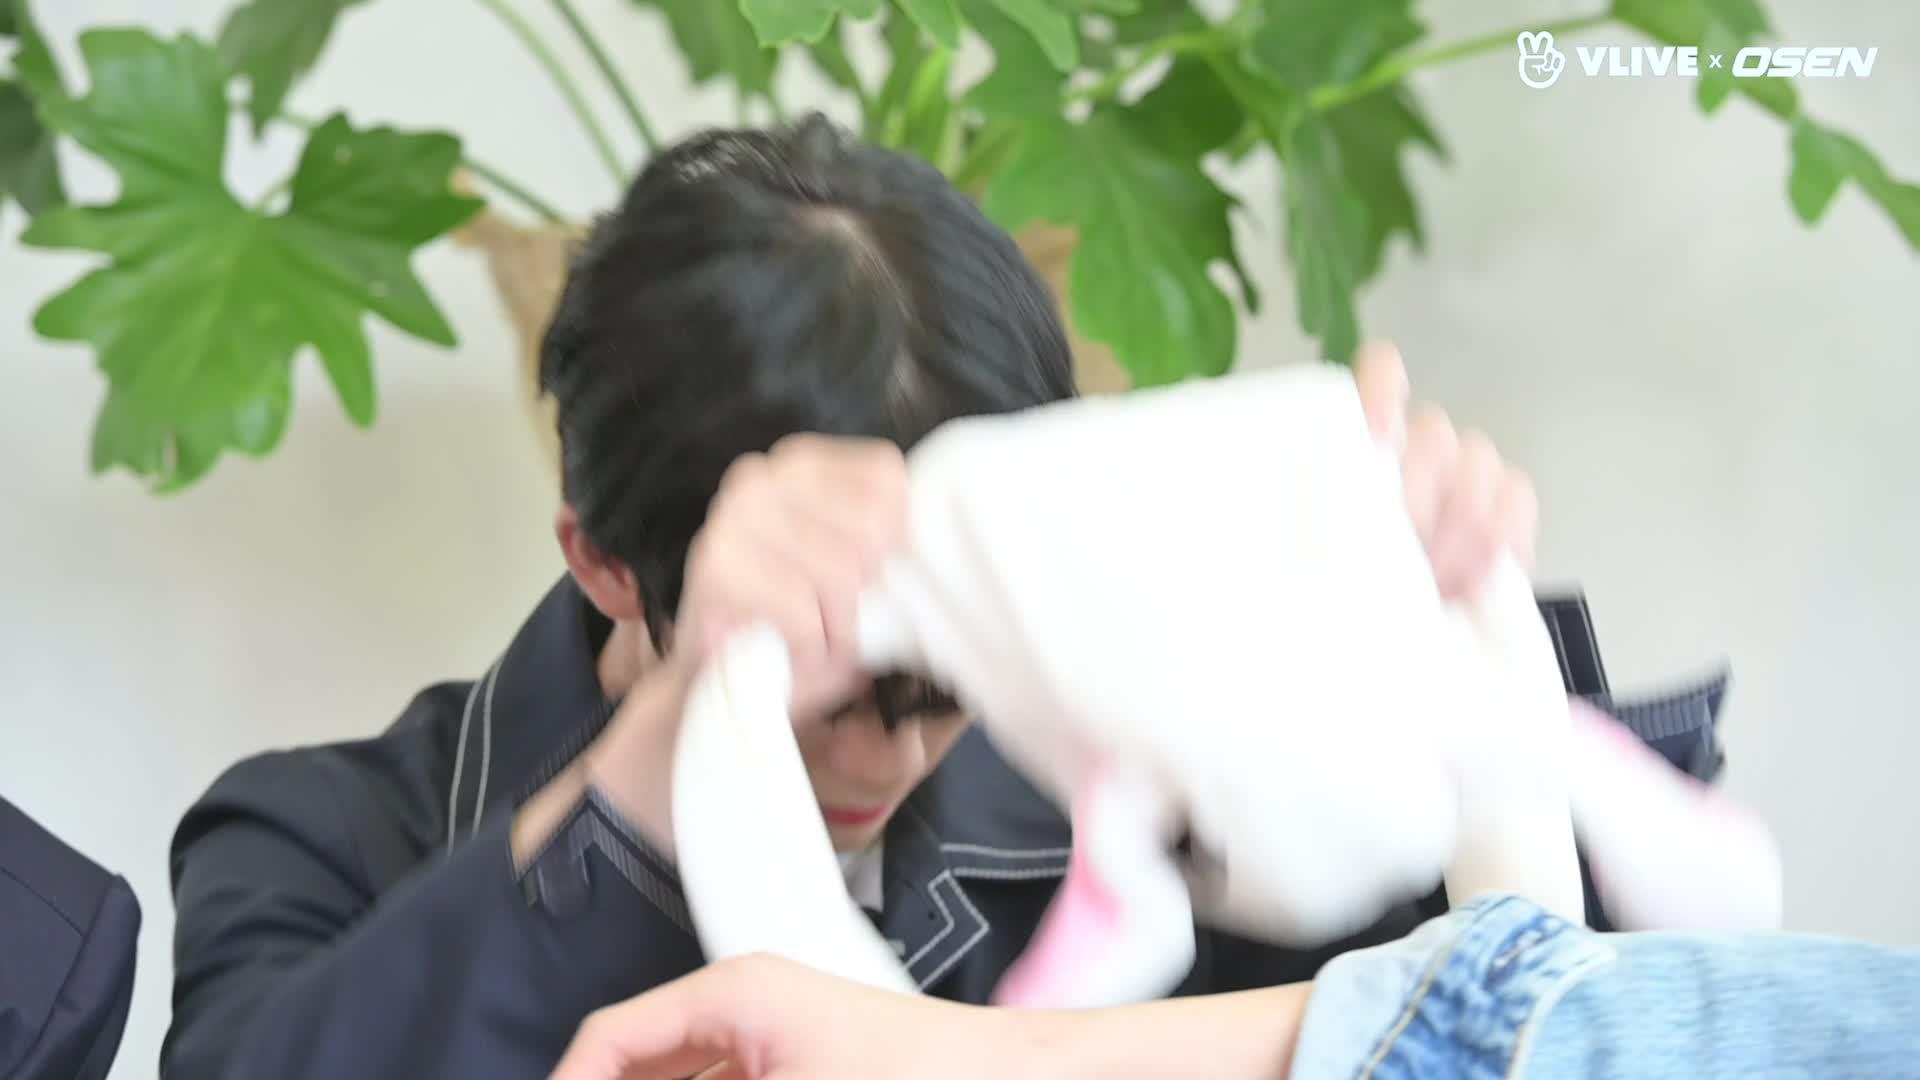 '스타로드' CIX 배진영, 깜짝 성대모사 도전 #EP 04